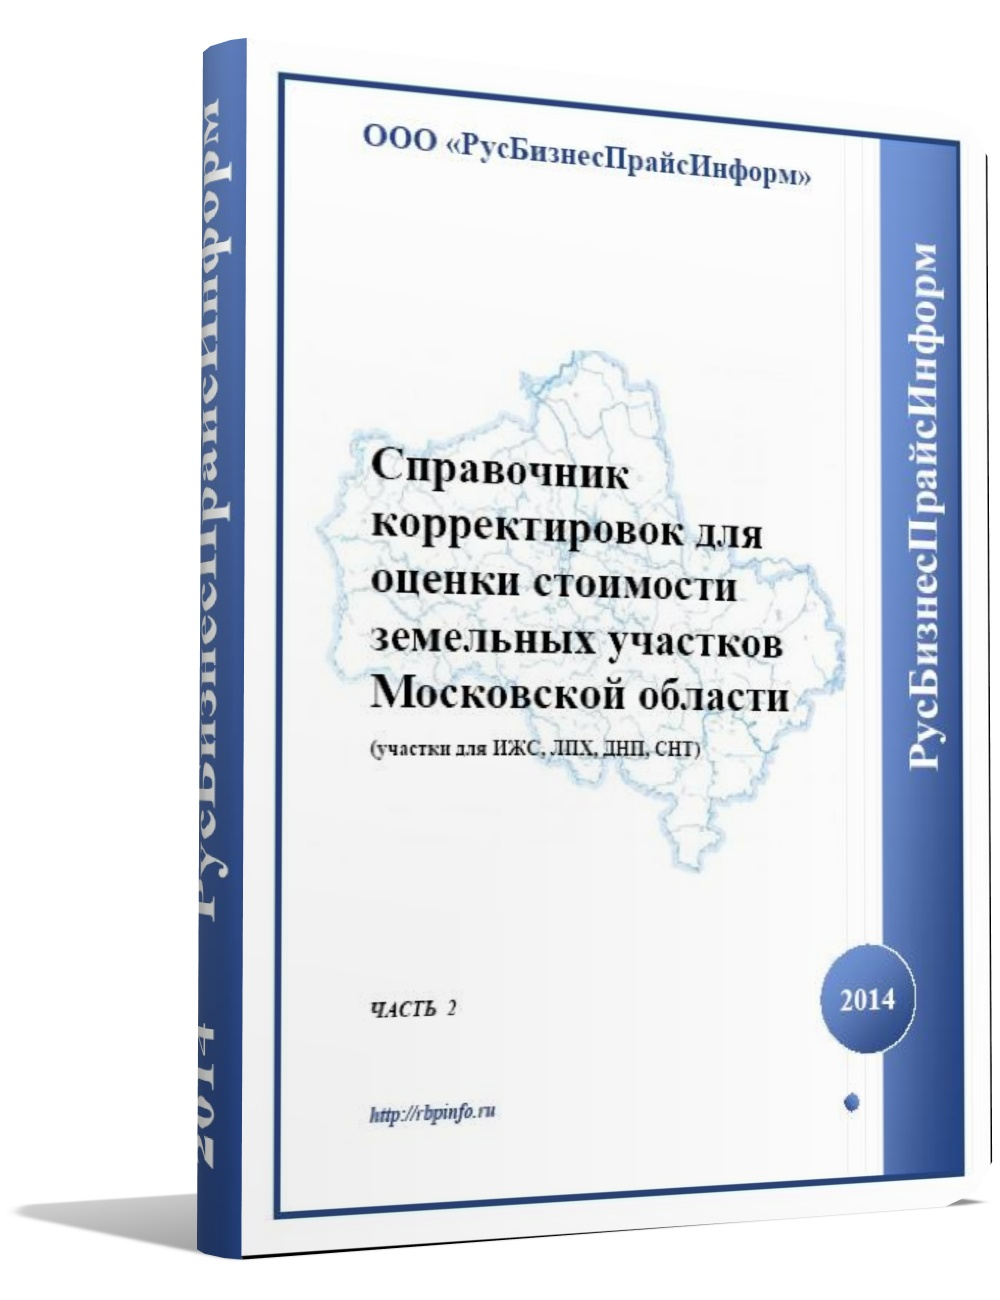 Справочник корректировок для оценки стоимости земельных участков Московской области (Часть 2) 2014